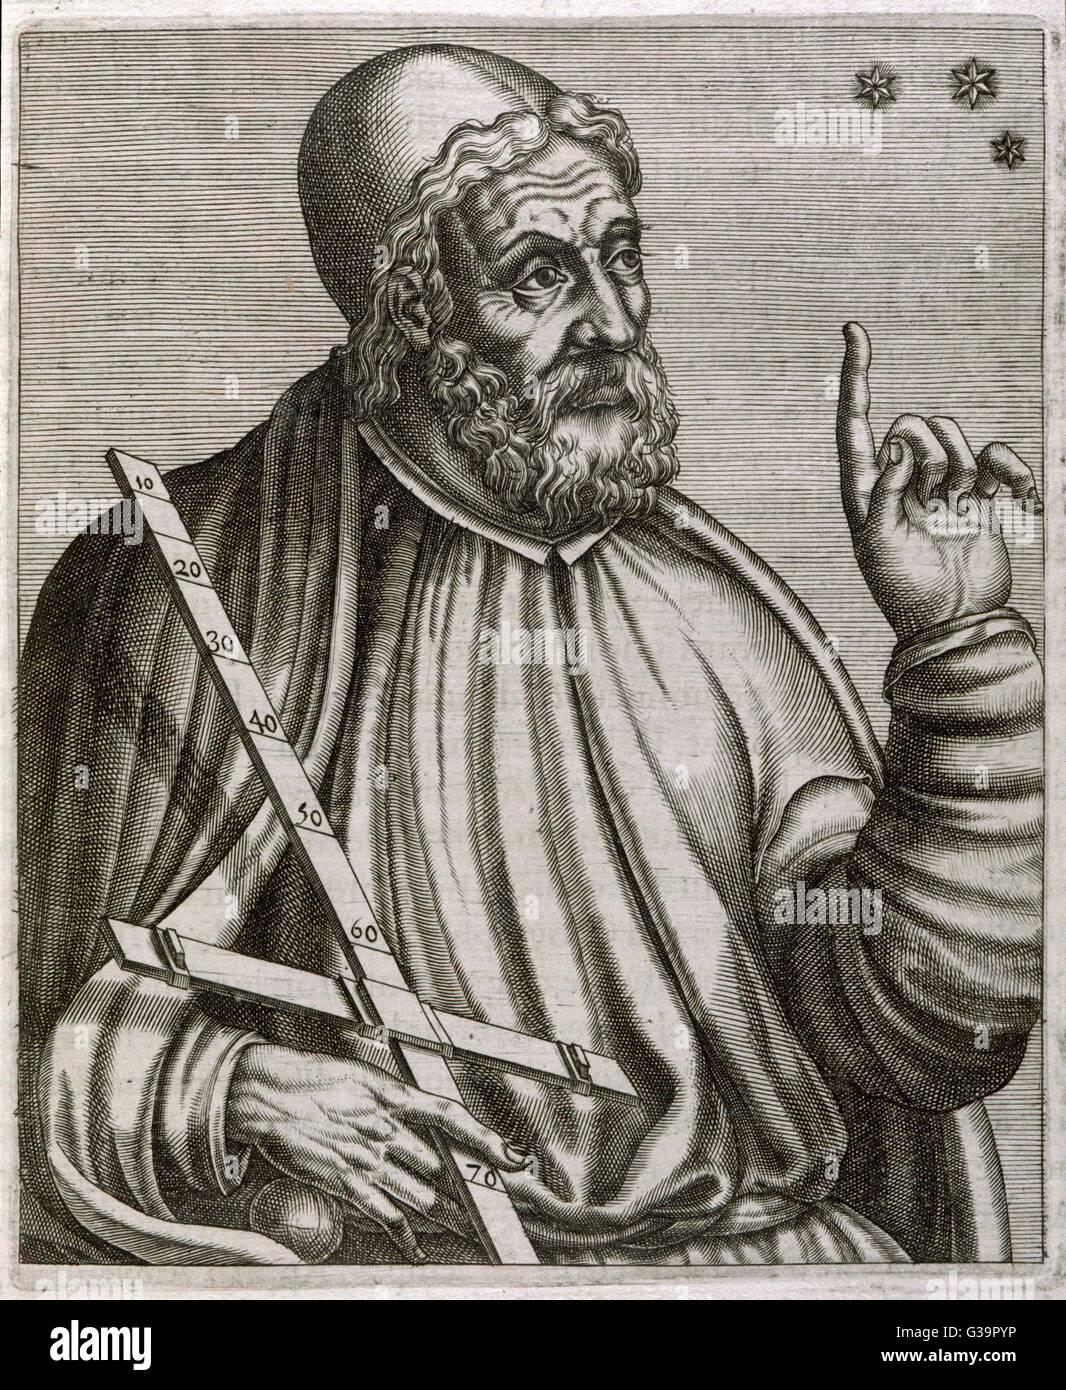 CLAUDIUS PTOLEMAIUS                                                                      Alexandrian astronomer, - Stock Image